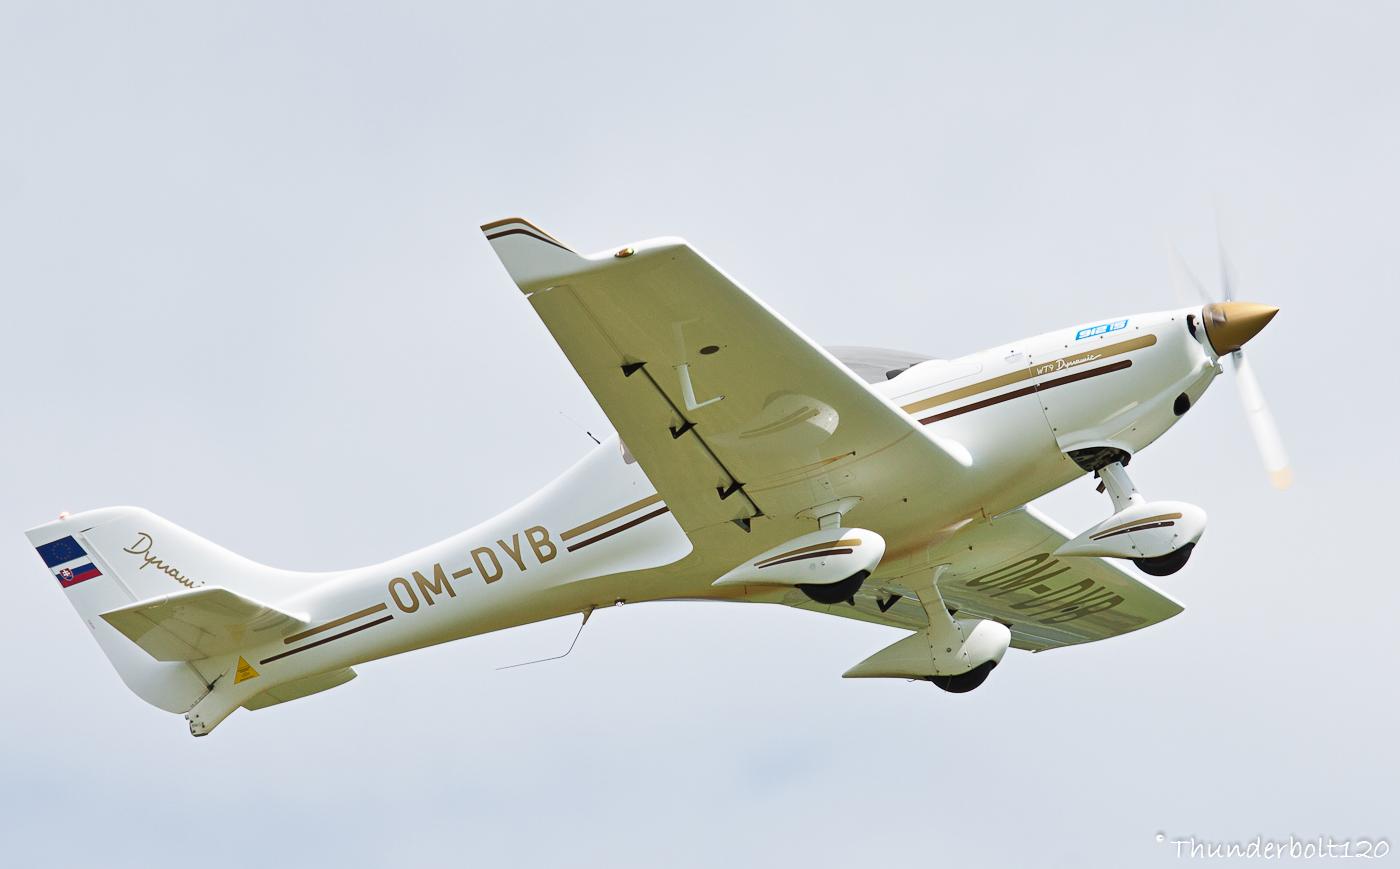 Aerospol WT9 Dynamic OM-DYB